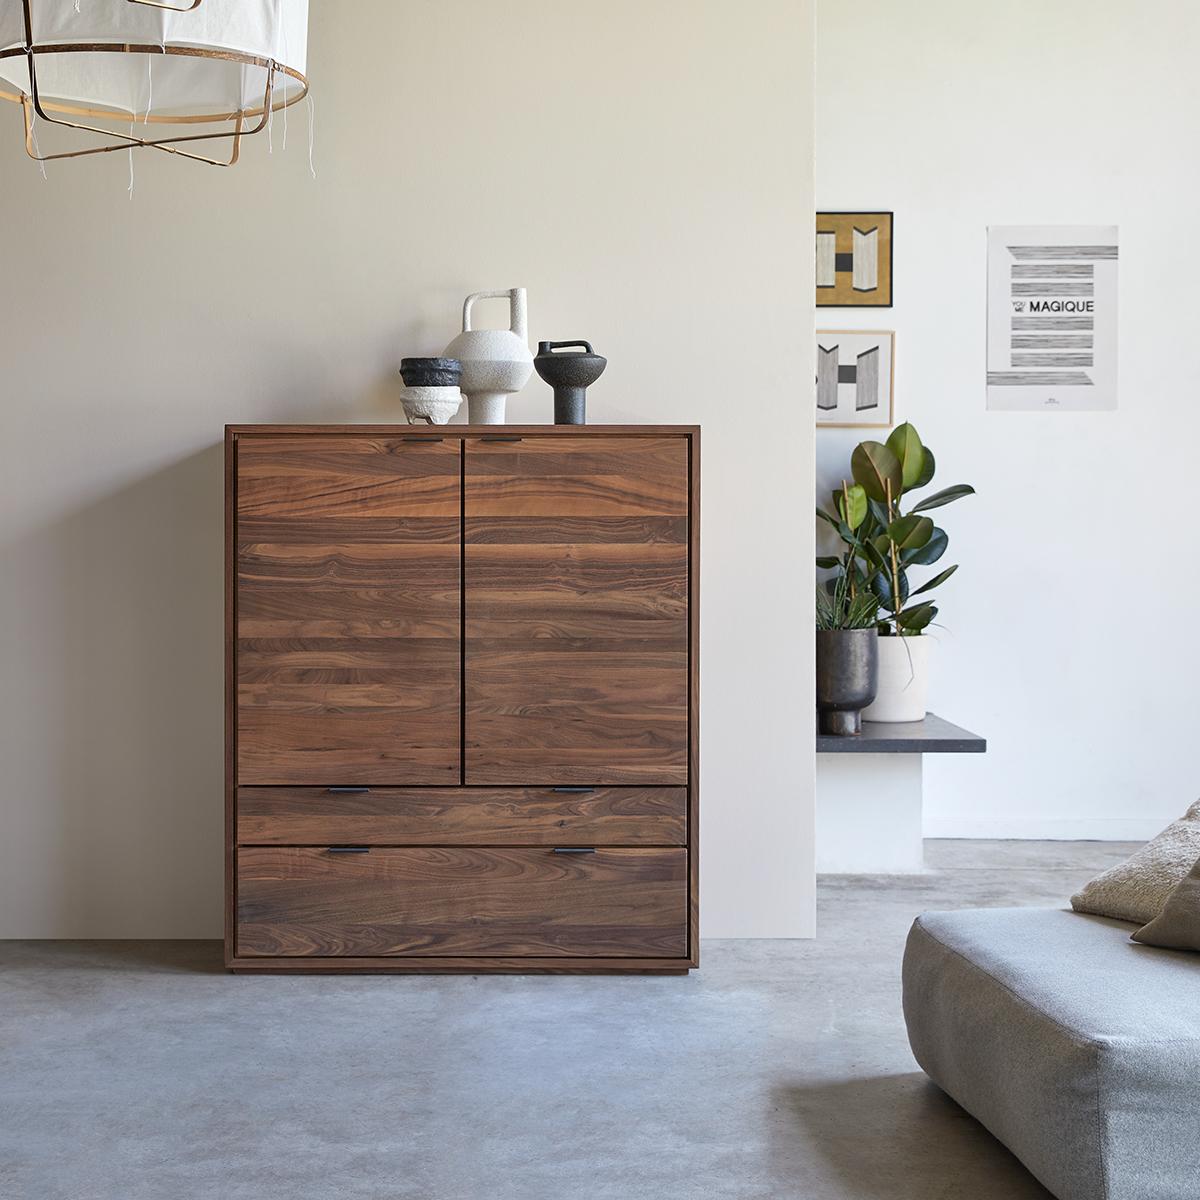 Senson solid walnut cupboard 110 cm